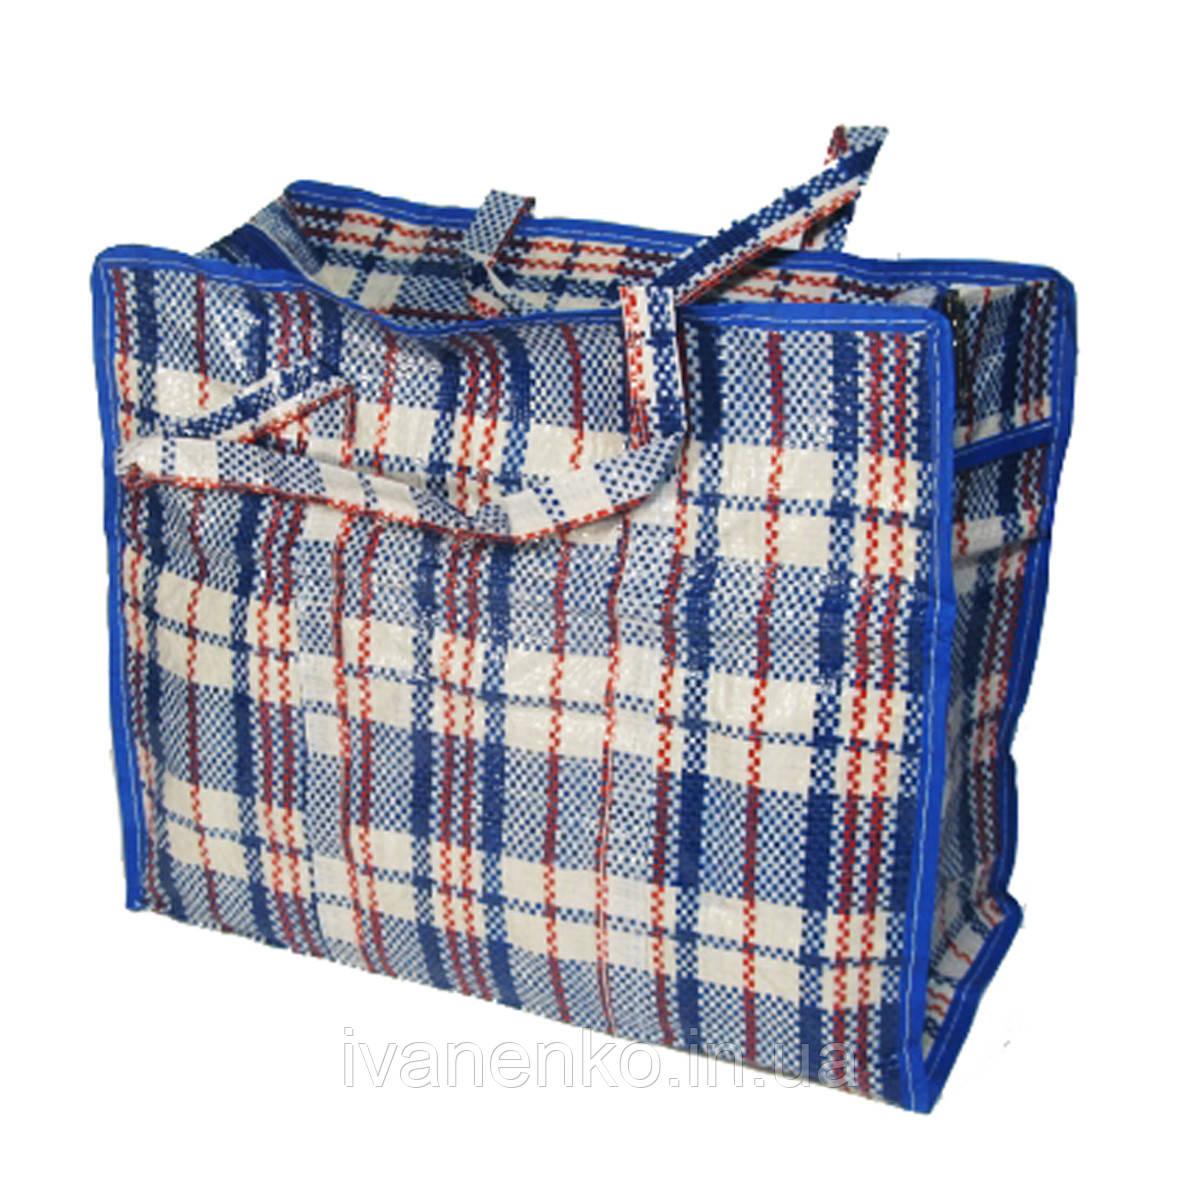 38f689cf0703 Хозяйственная сумка клетчатая полипропиленовая 45х50х25 см, цена 50,20  грн., купить в Харькове — Prom.ua (ID#289087953)